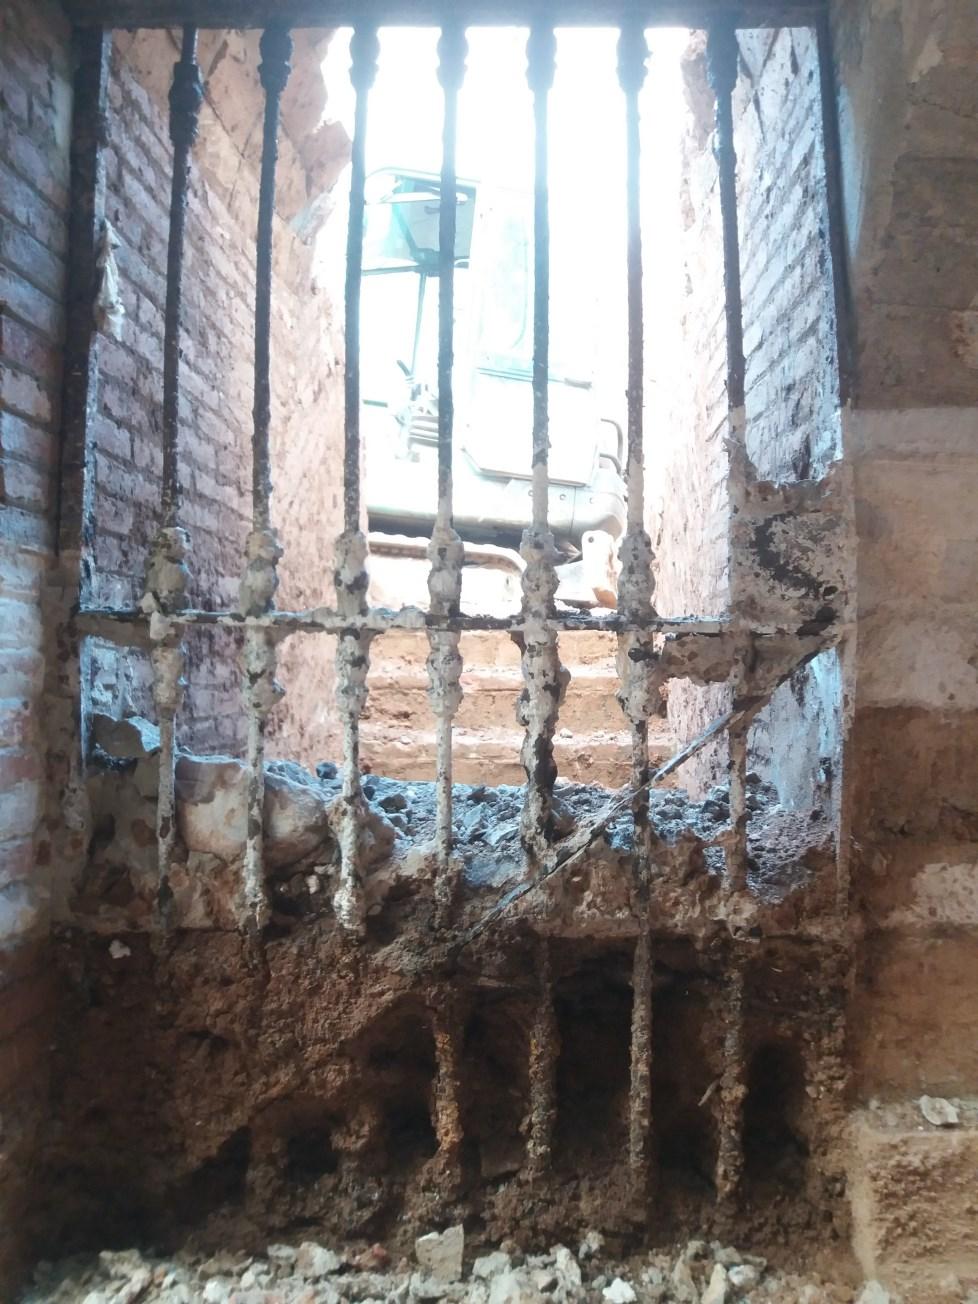 Localització in situ de la porta de ferro d'accés al refugi antiaeri de Poeta Cabanyes. Foto: SABCN